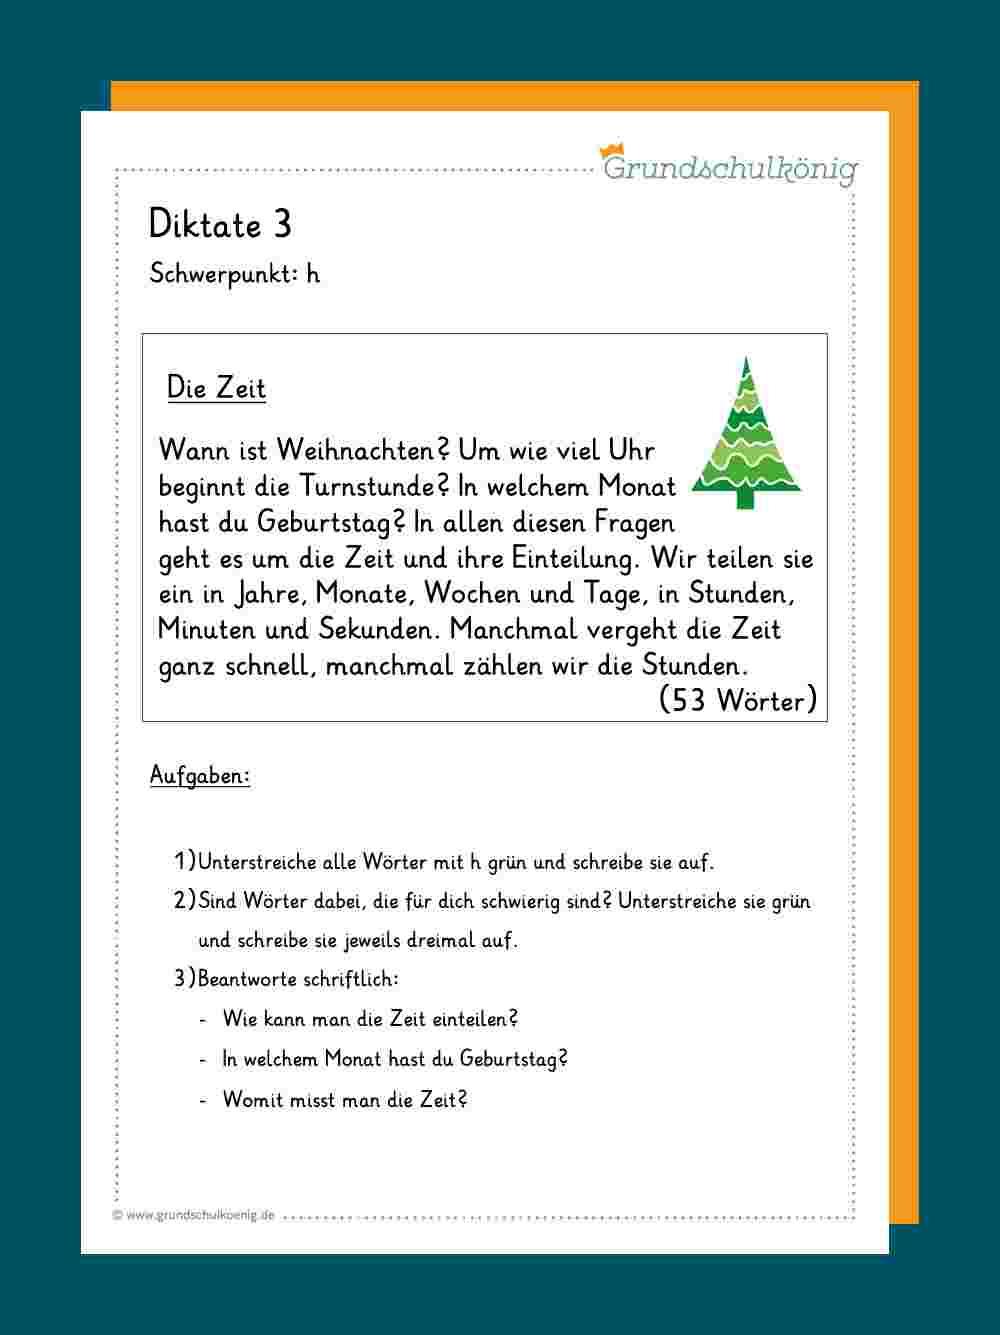 Diktate ganzes Text Groß Und Kleinschreibung 3 Klasse